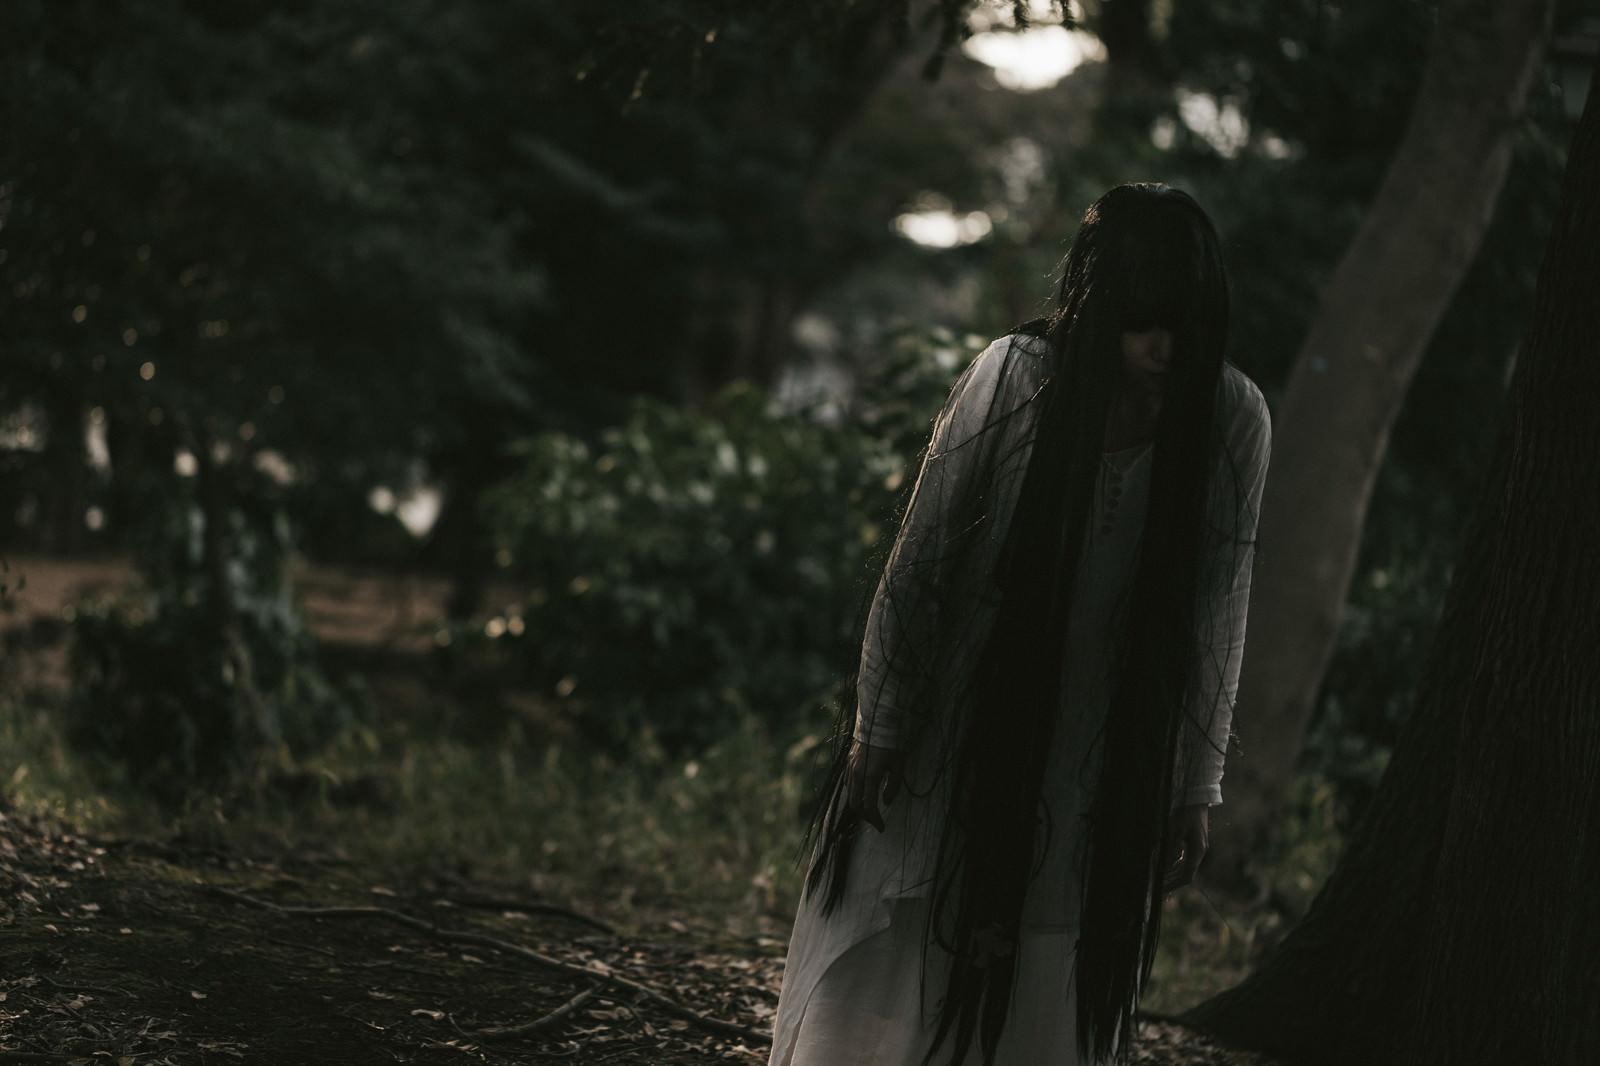 「薄明るい森の中を徘徊する女性」の写真[モデル:緋真煉]